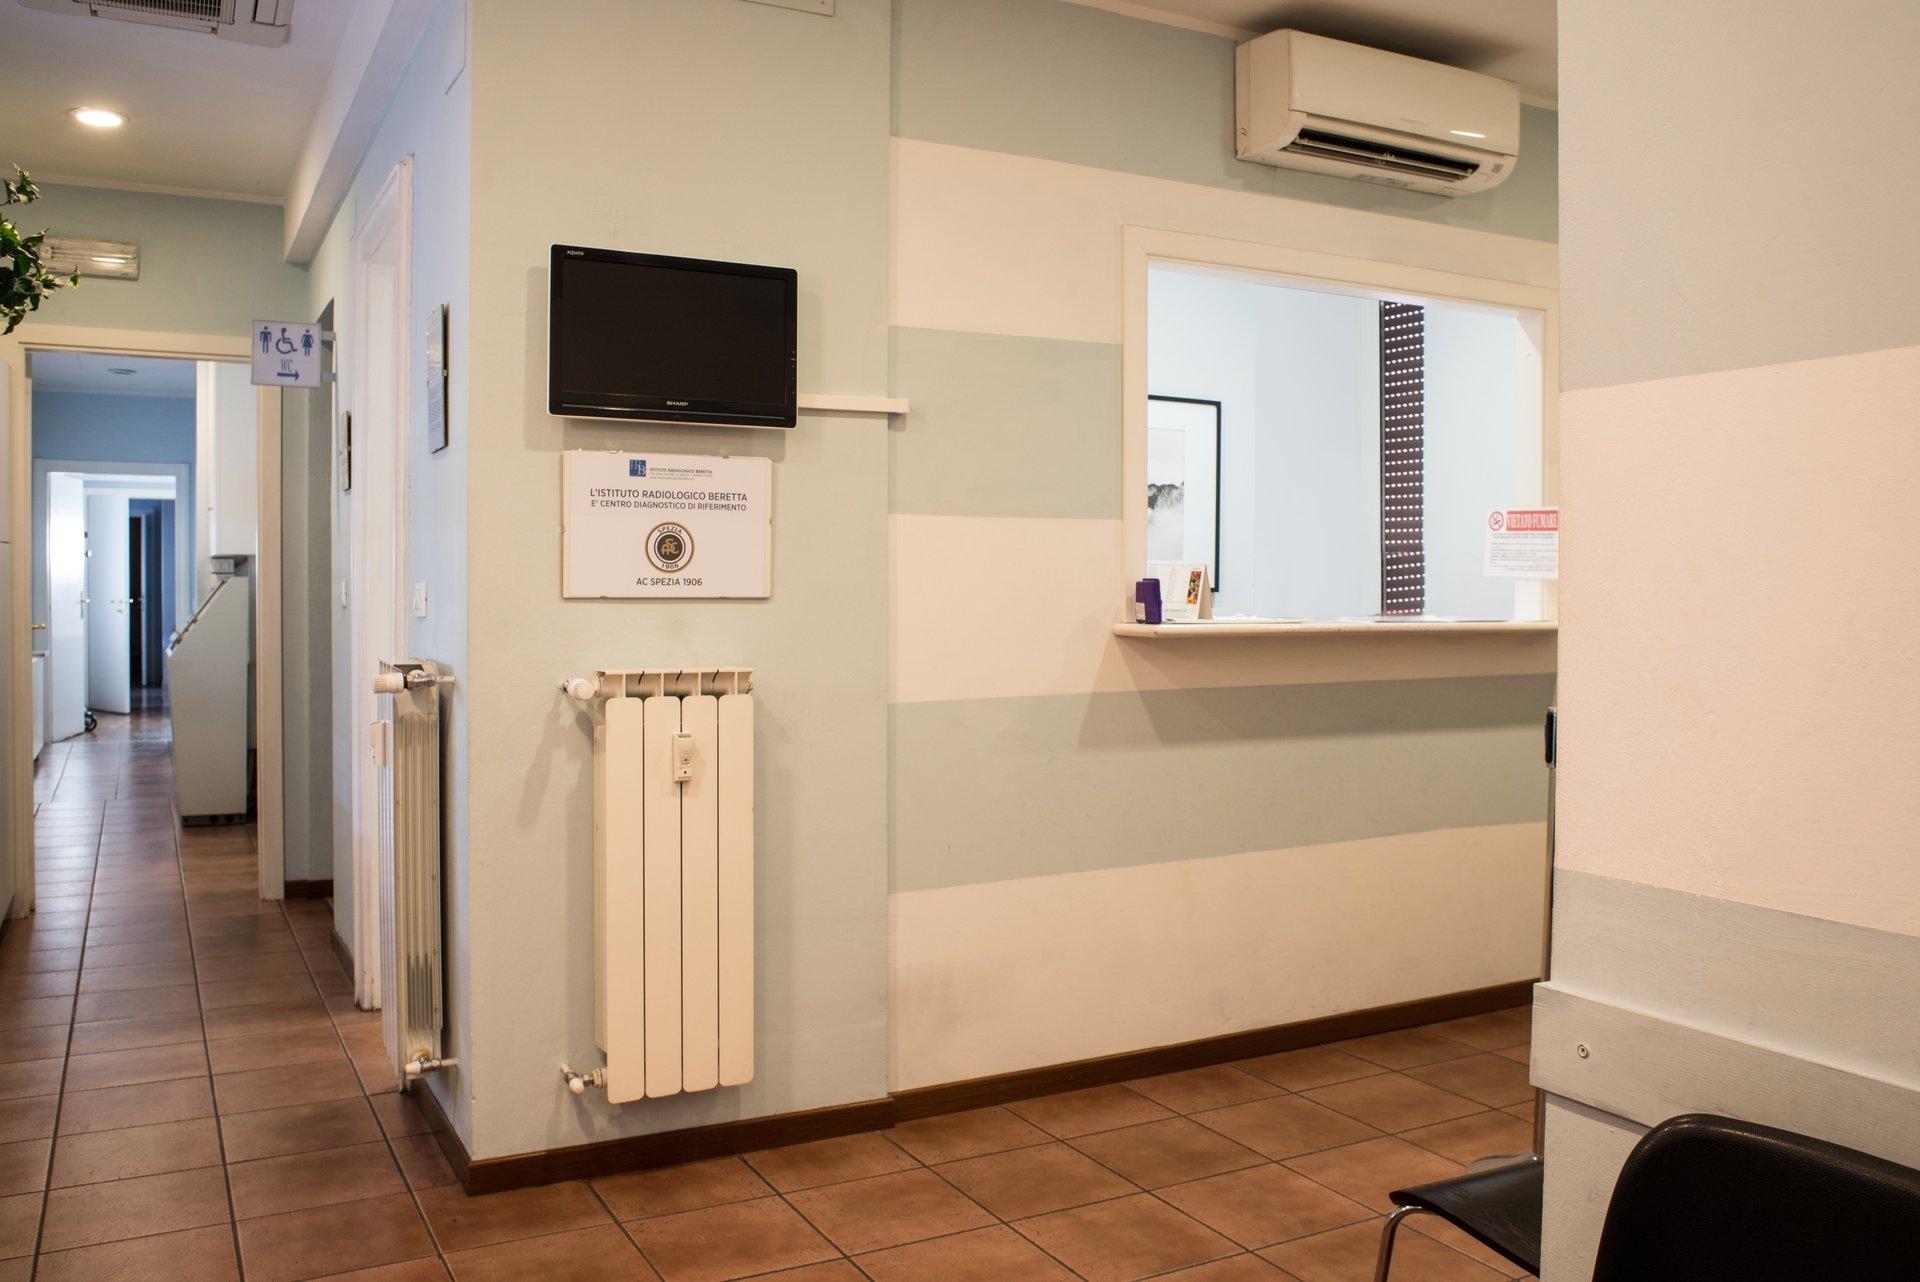 istituto radiologico beretta - i locali